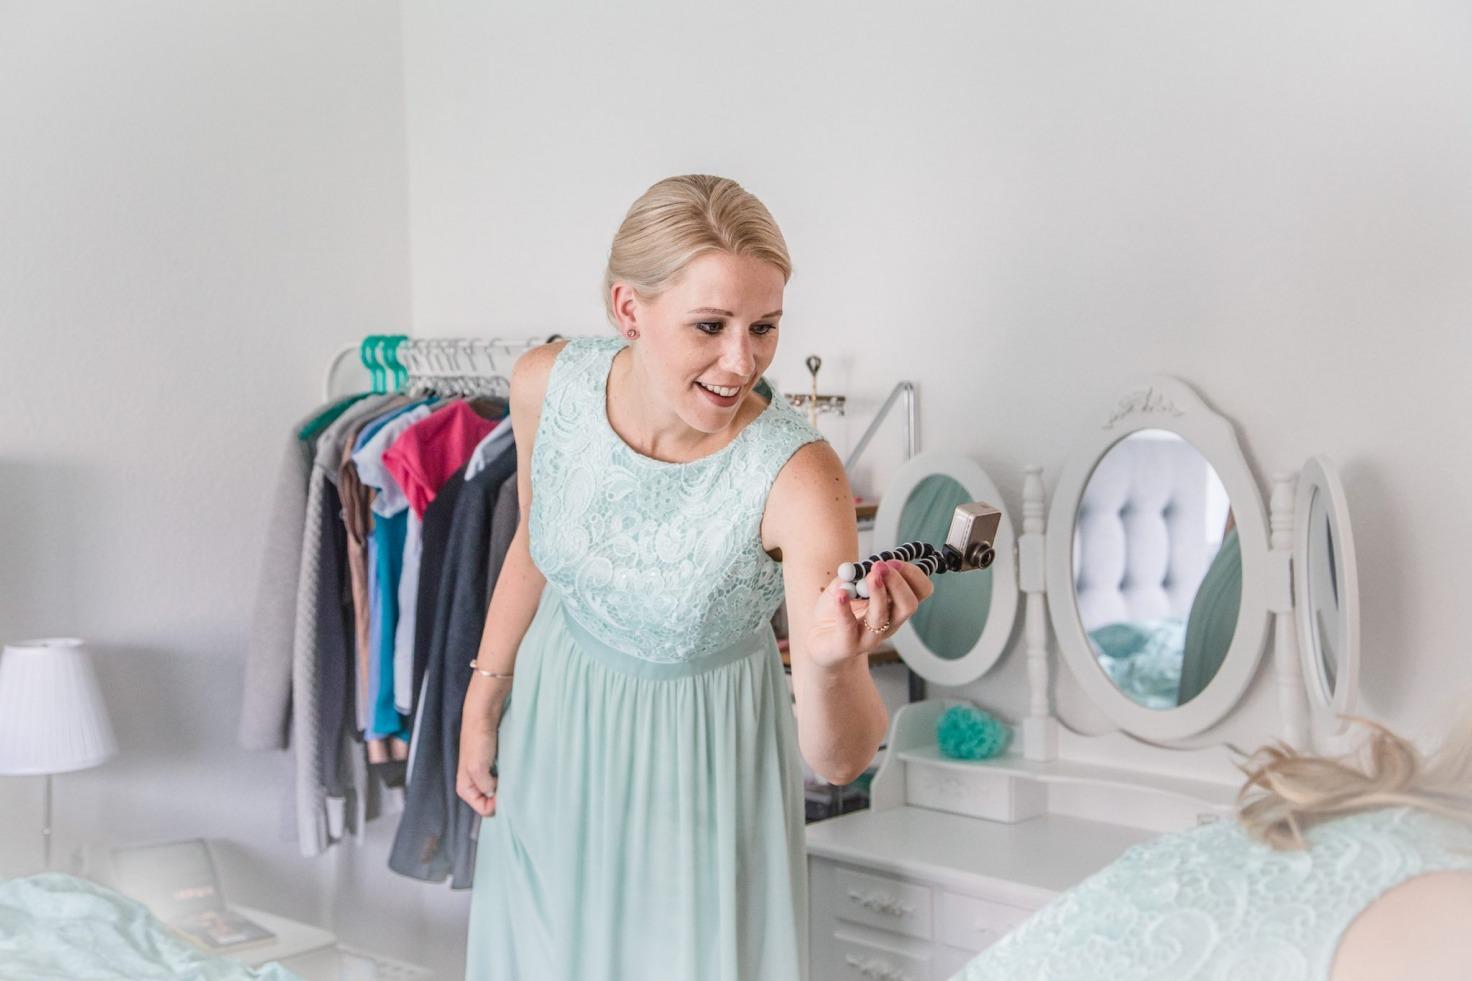 Hochzeit von Jennifer und Stefan in Münster: Brautjungfer filmt die Braut